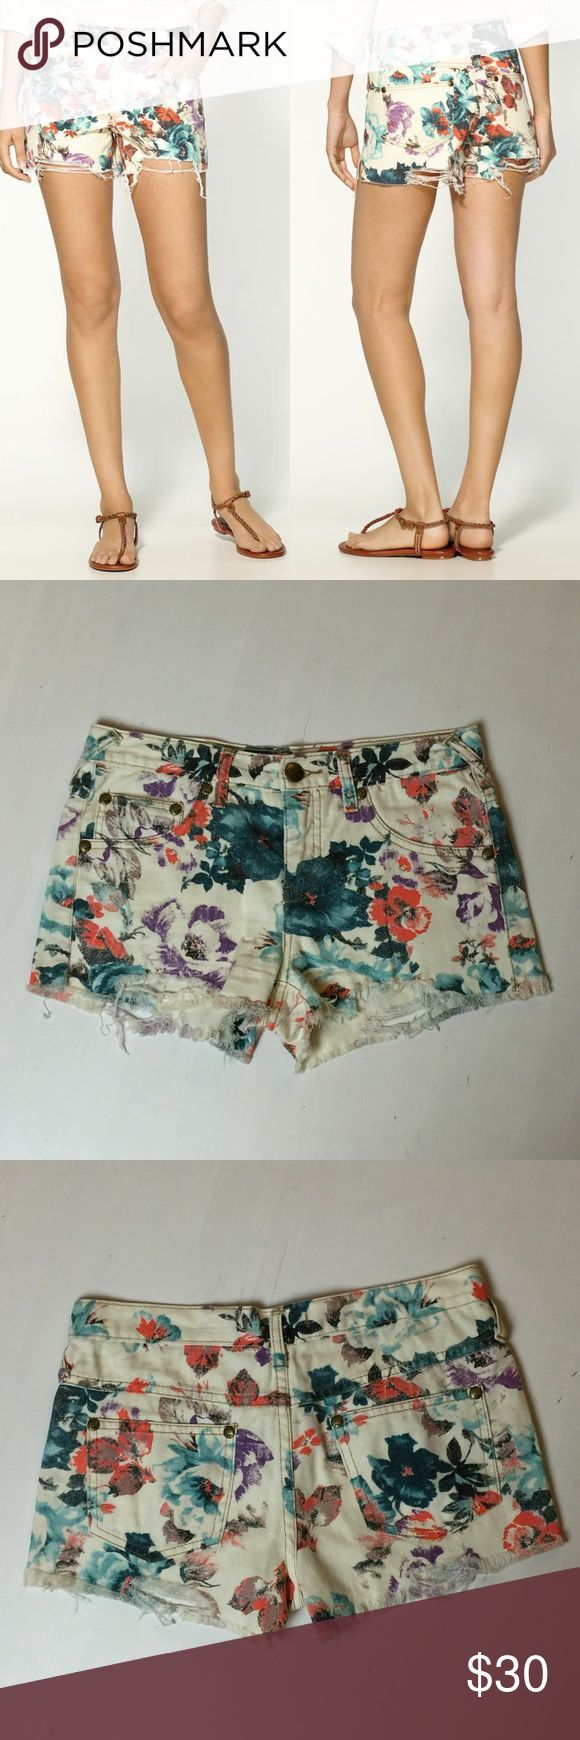 Free People Floral Denim Cut Offs Super cute cream shorts with floral print. Free People Shorts